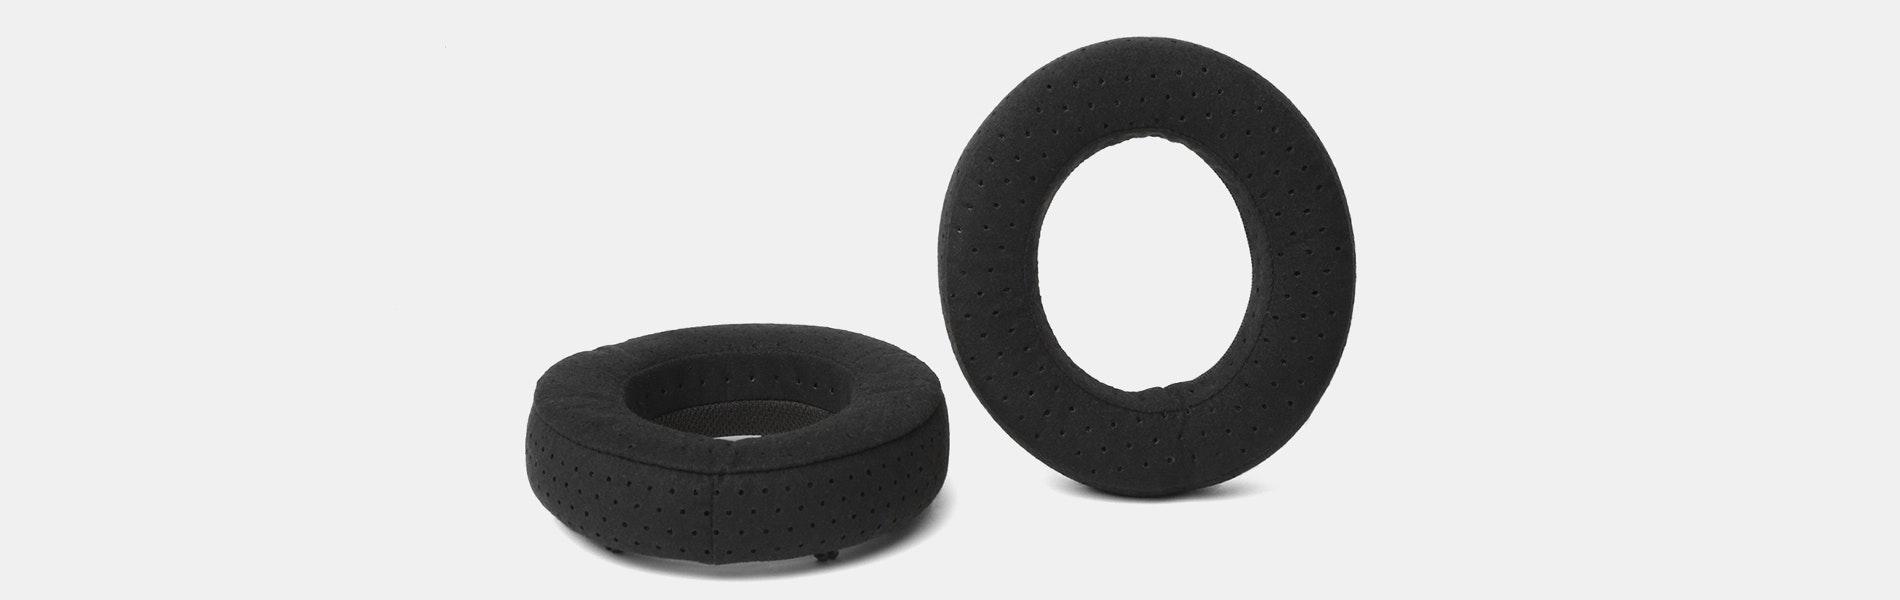 Focal Pads for Elex Headphones